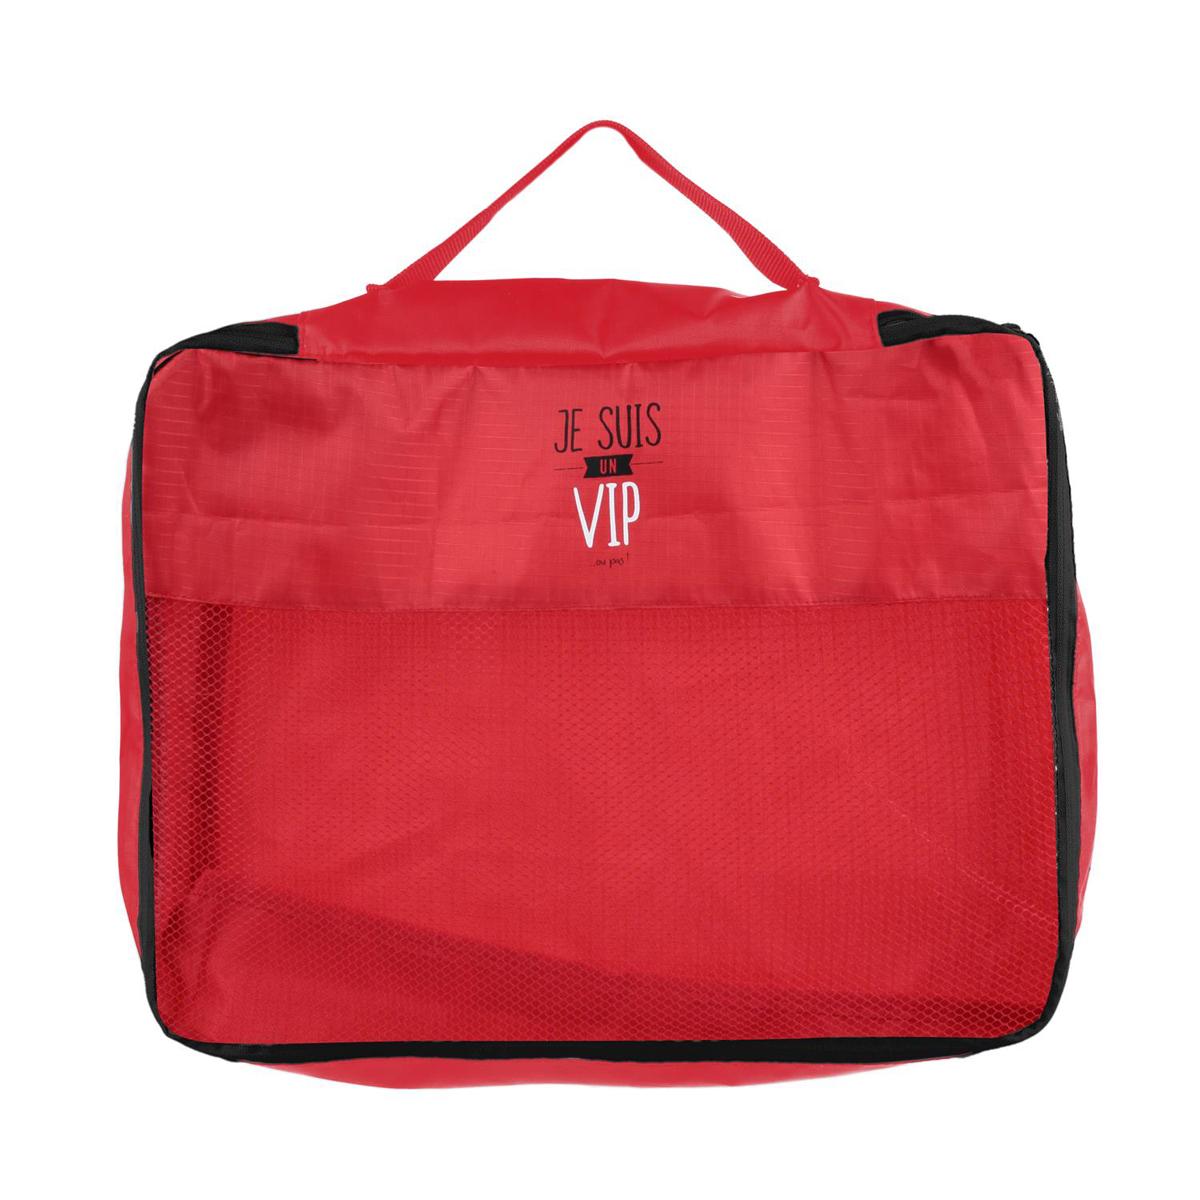 Organisateur valise \'Messages\' rouge (Je suis un VIP ou pas) - 41x34x85 cm - [Q0793]